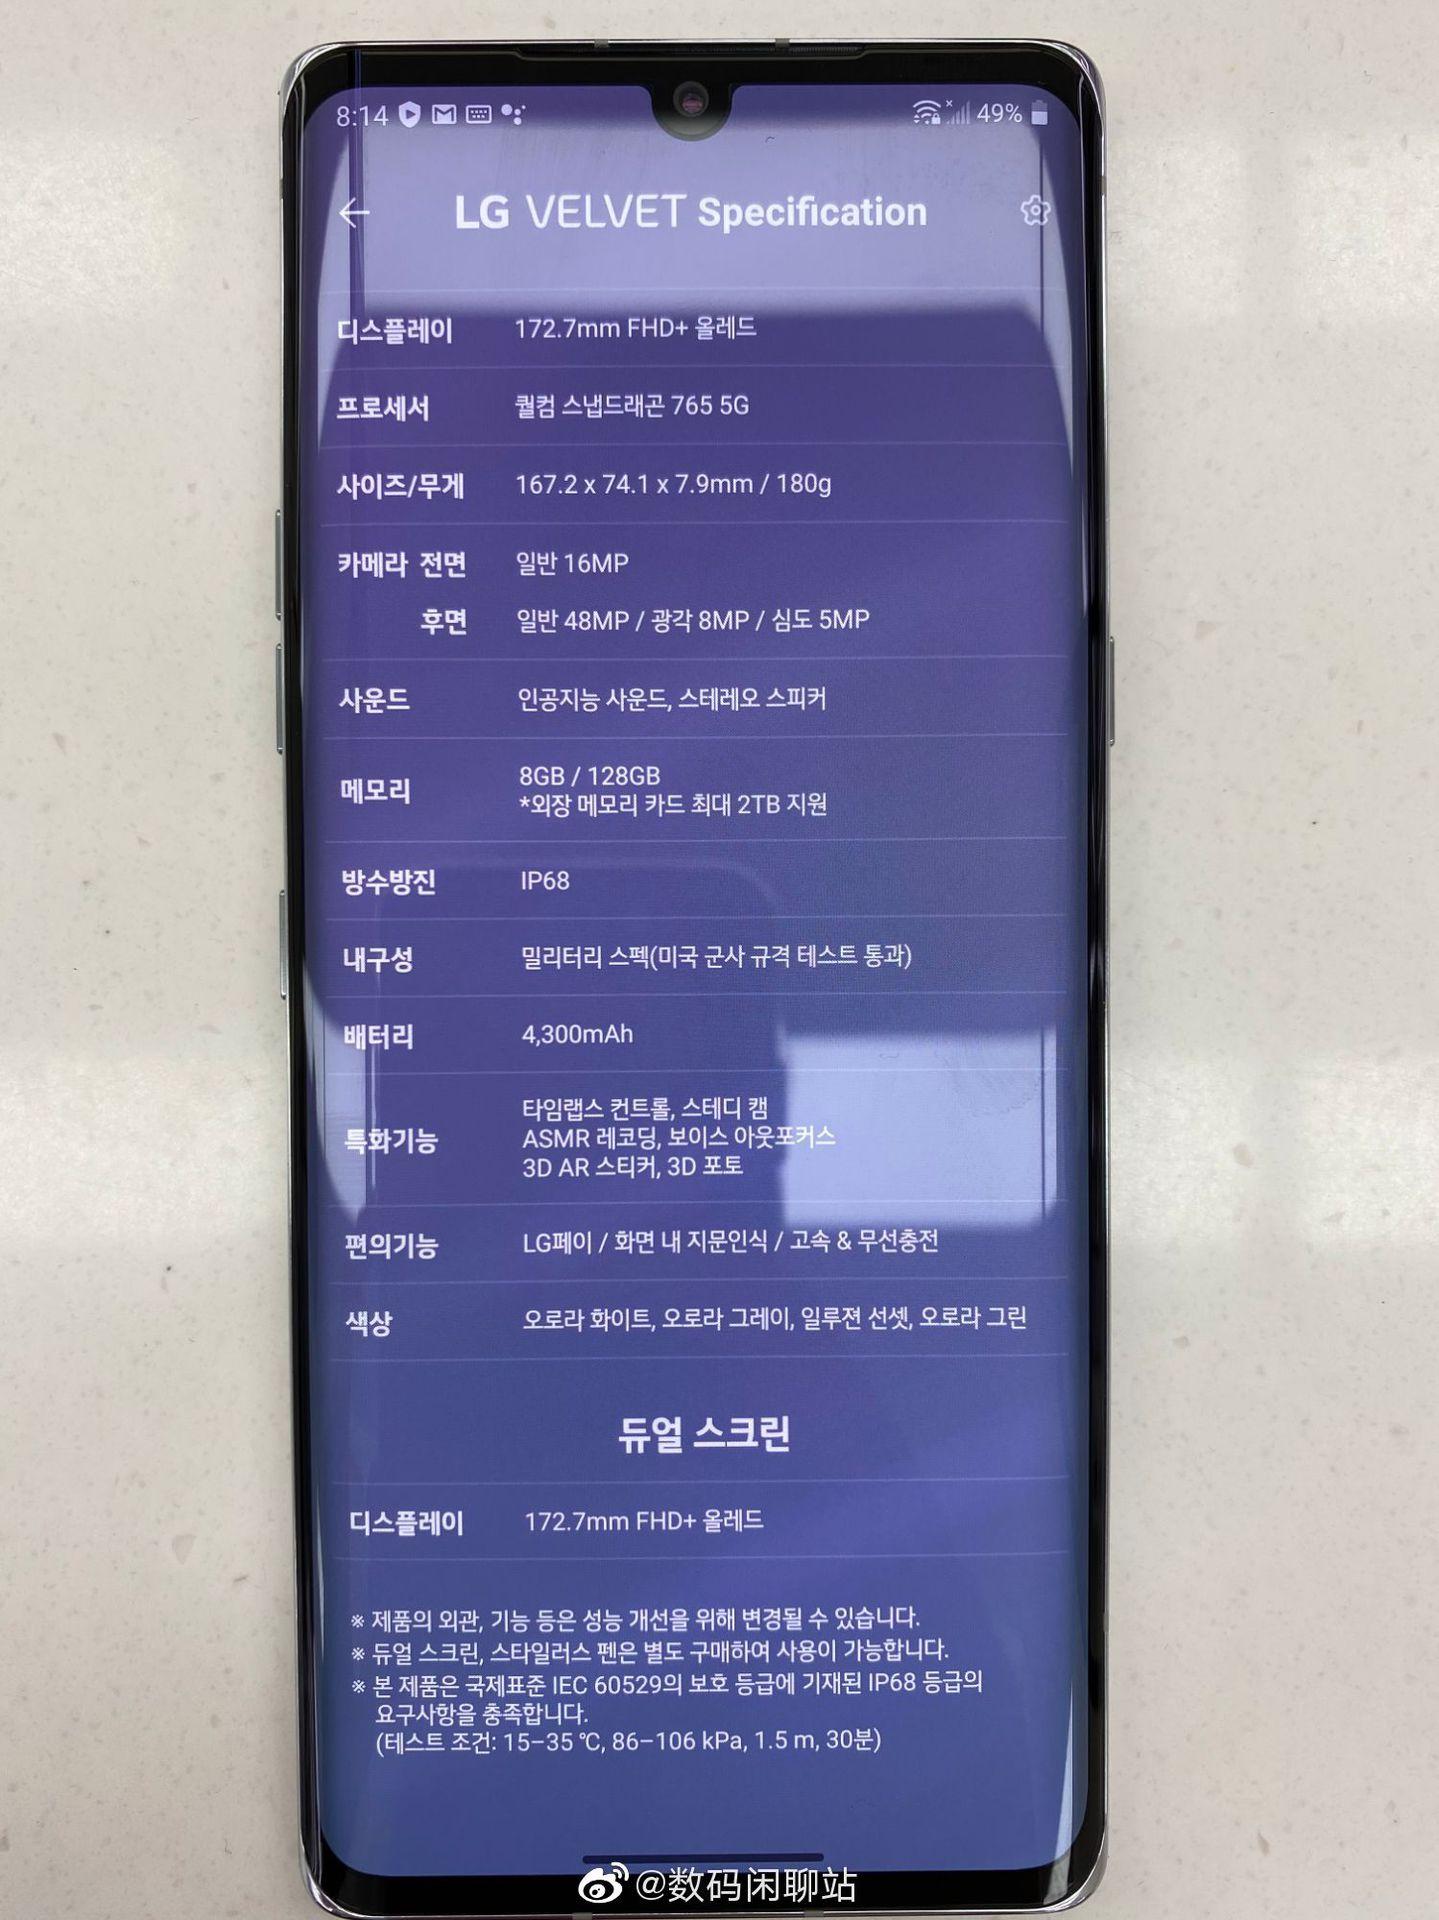 LG Velvet Specifications leak